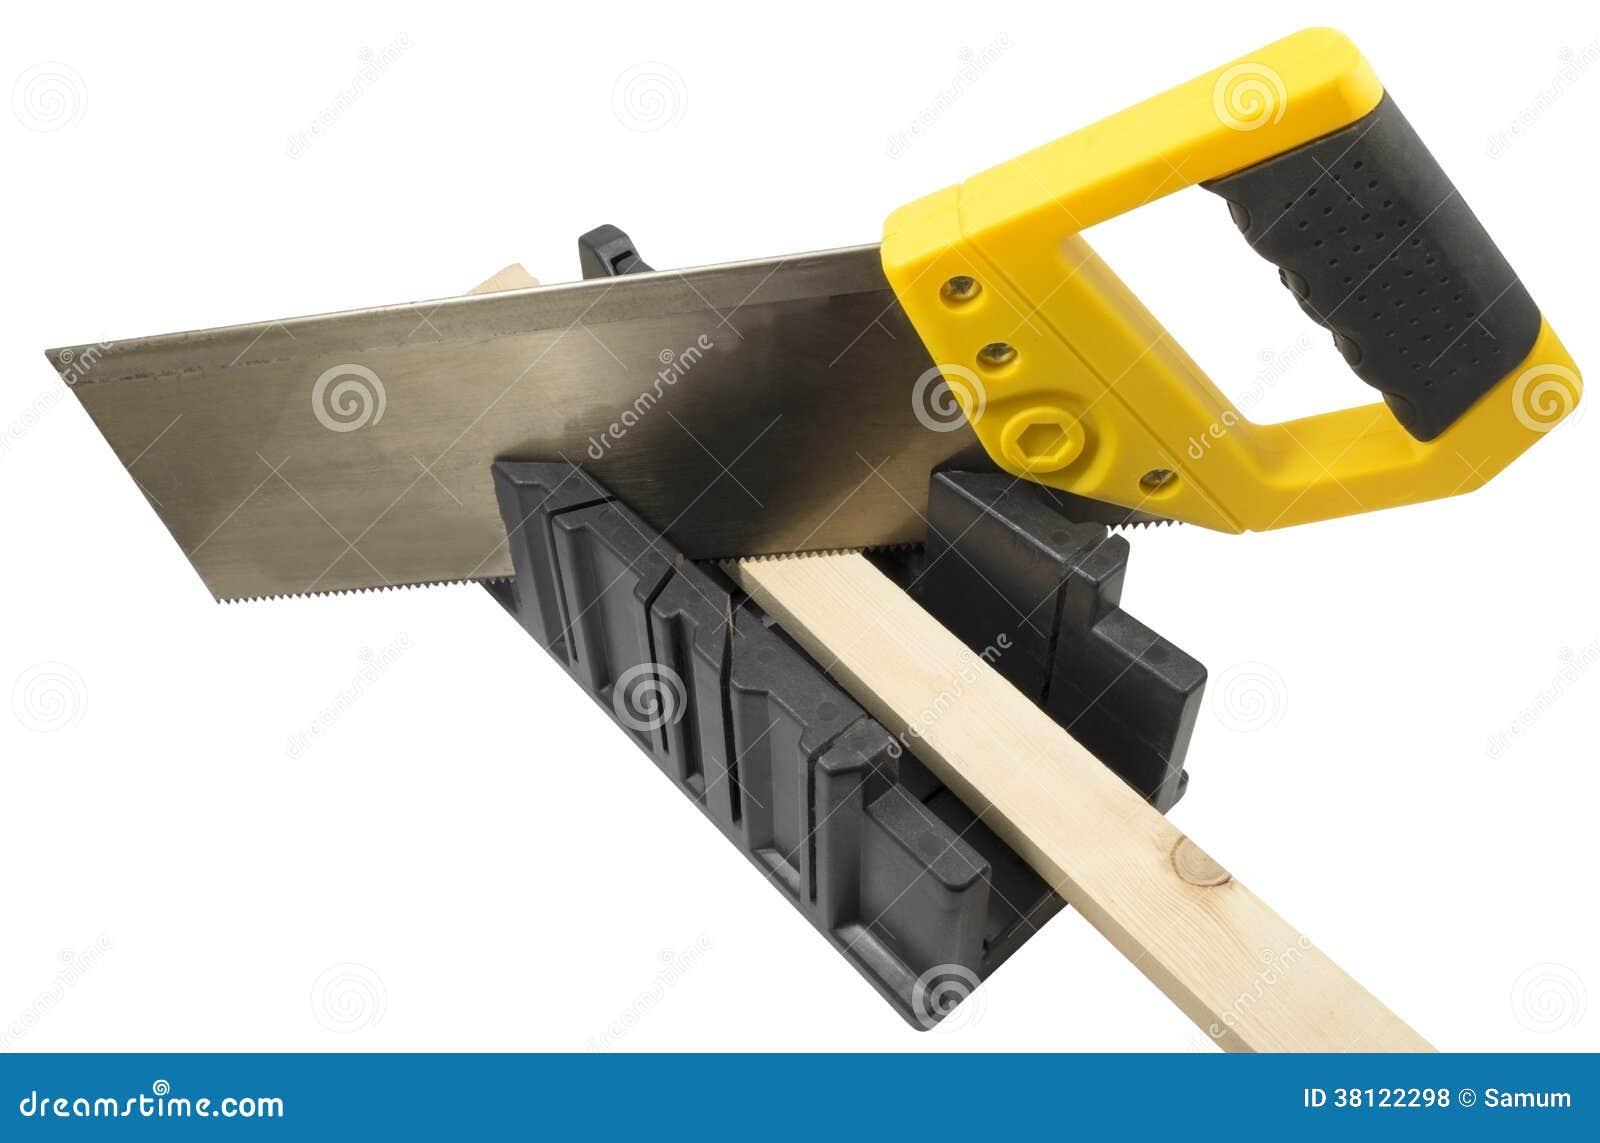 plastikhand sah und winkel gehrungsfugenkastenwerkzeug zu schneiden stockfoto bild von. Black Bedroom Furniture Sets. Home Design Ideas